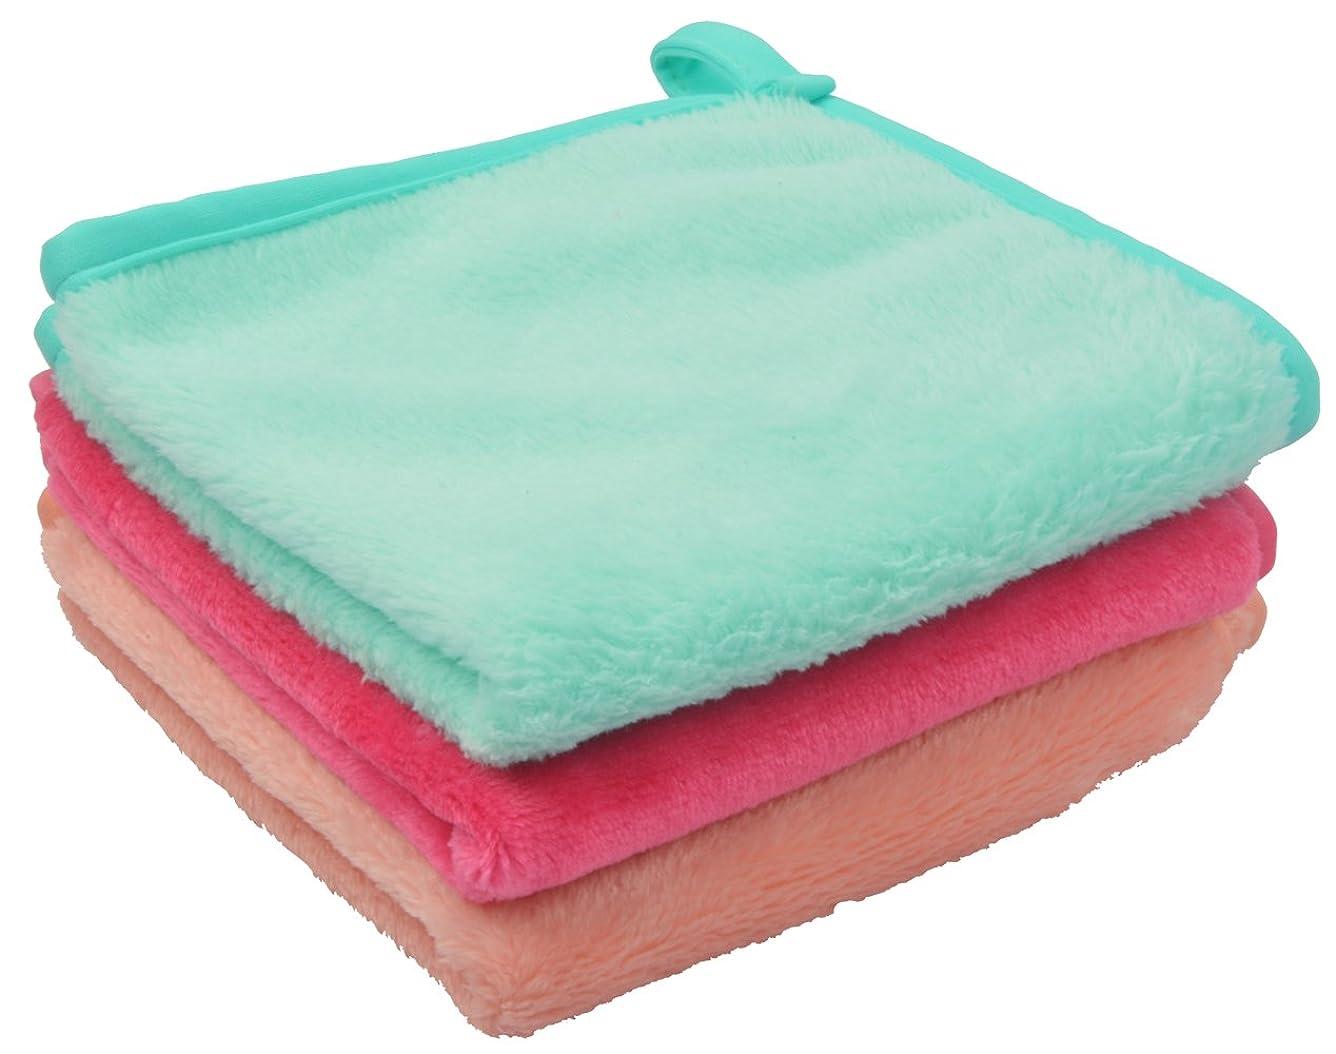 汚染するタッチわなSinland メイク落としタオル 柔らかい クレンジング タオル 敏感肌用タオル (30cmx30cm, ライトグリーン+ピンク+オレンジ)